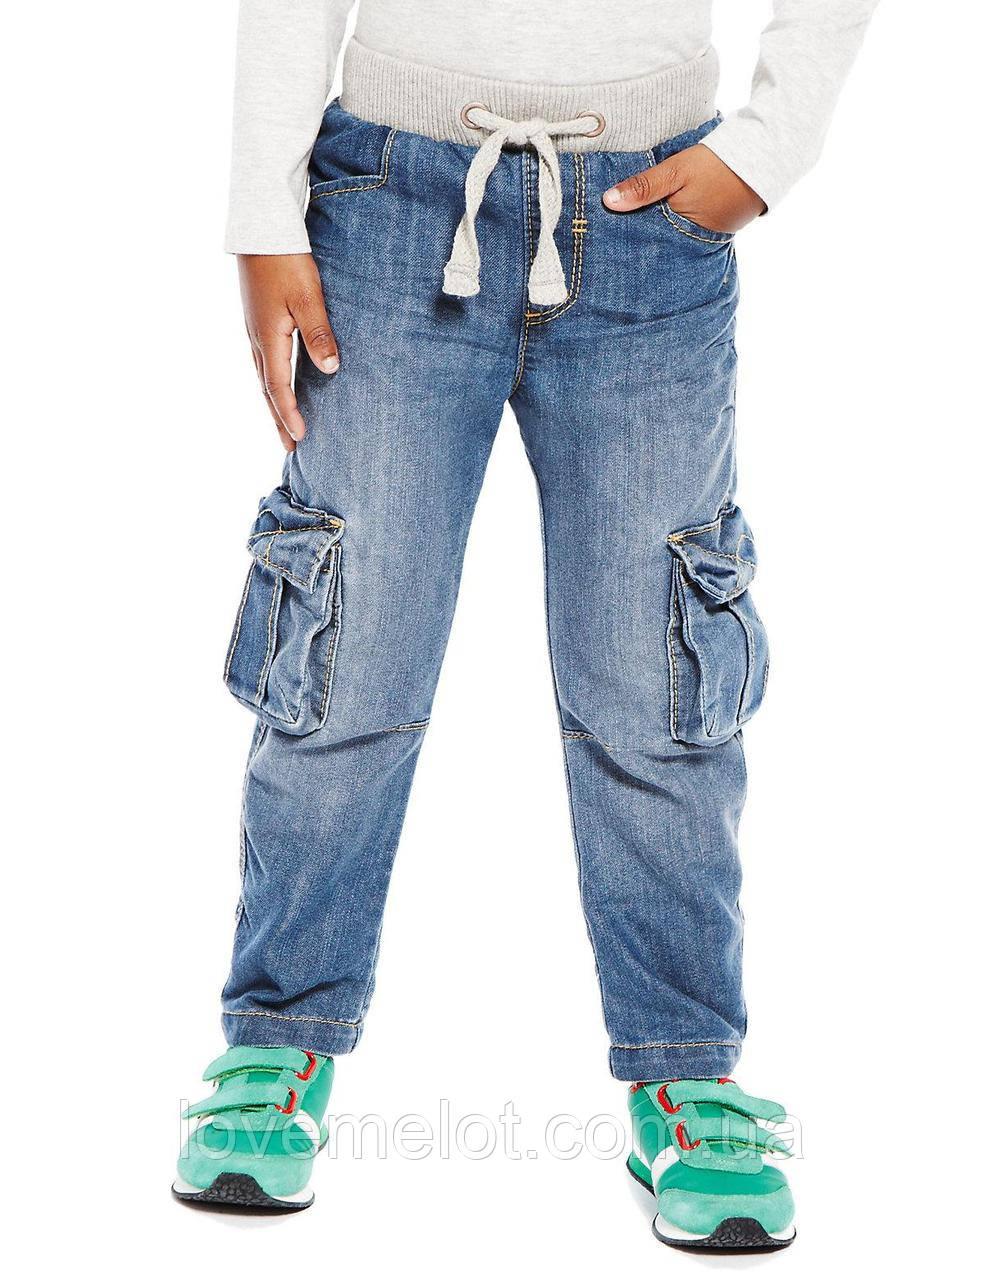 """Детские теплые джинсы на подкладке """"Штурман"""" для мальчика на рост 86см и 92см"""